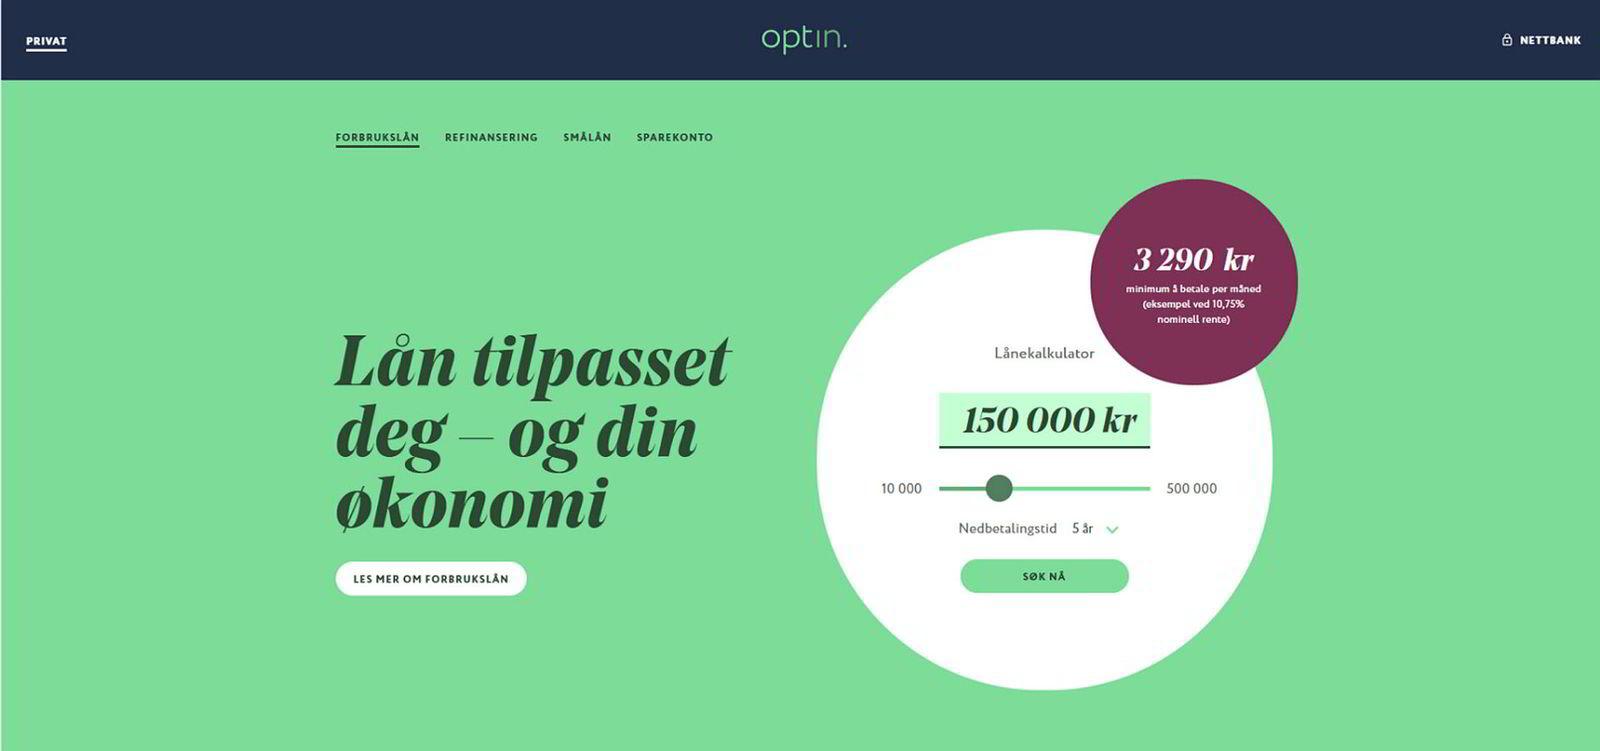 Optin Bank tilbyr forbrukslån og sparekonto gjennom sin nettbank.